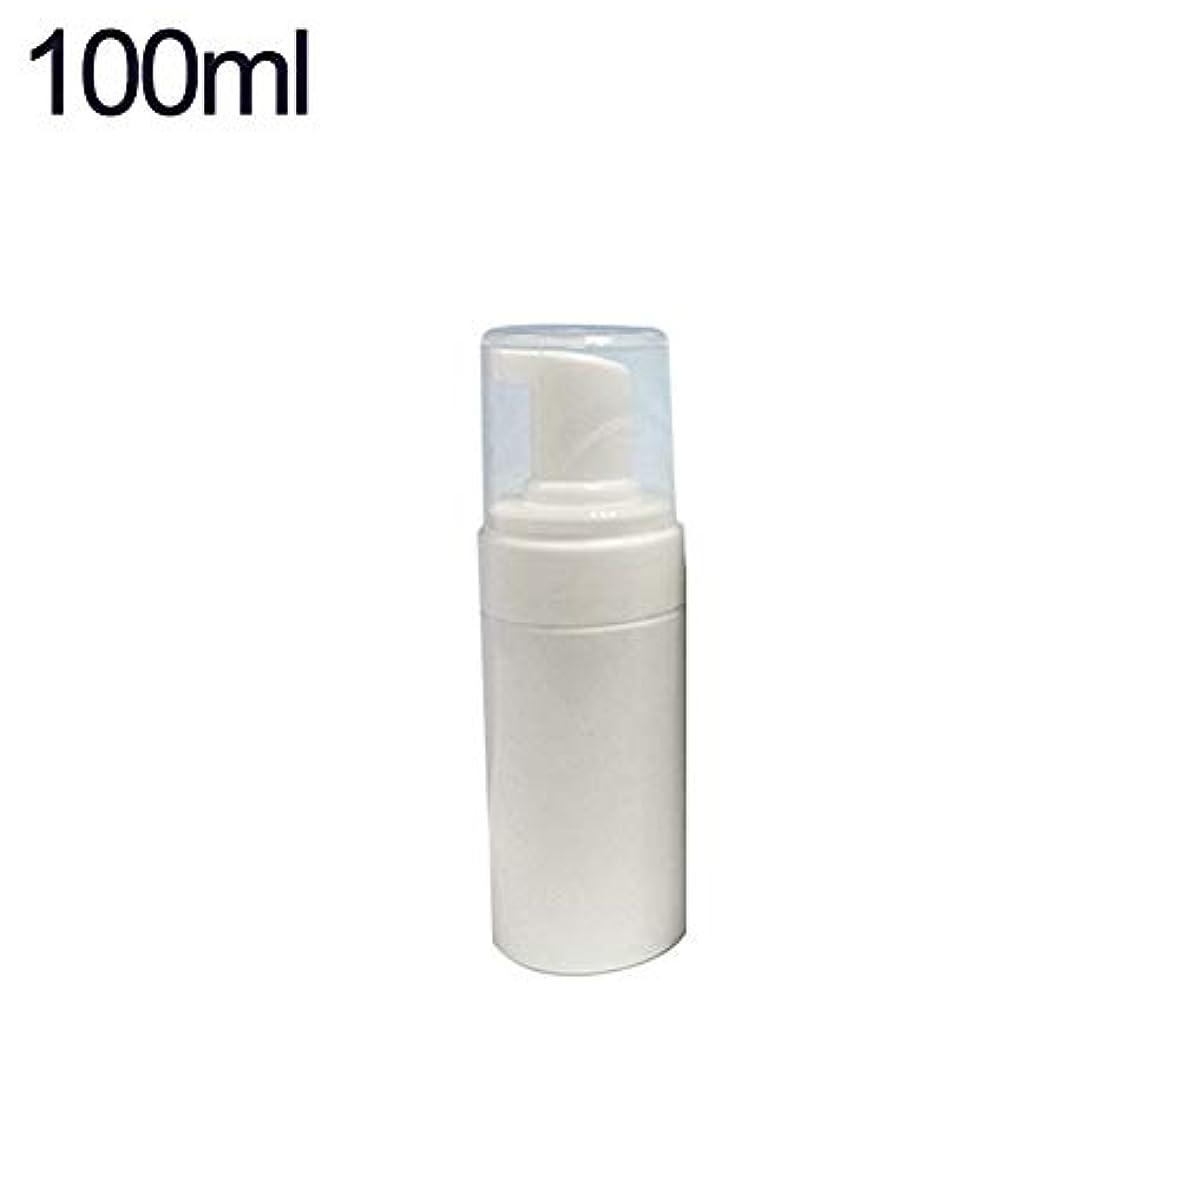 悩むささやき電話するhamulekfae-化粧品綺麗100/120/150 / 200ml泡ポンプ空発泡ボトルソープムース液体ディスペンサー - 100ml